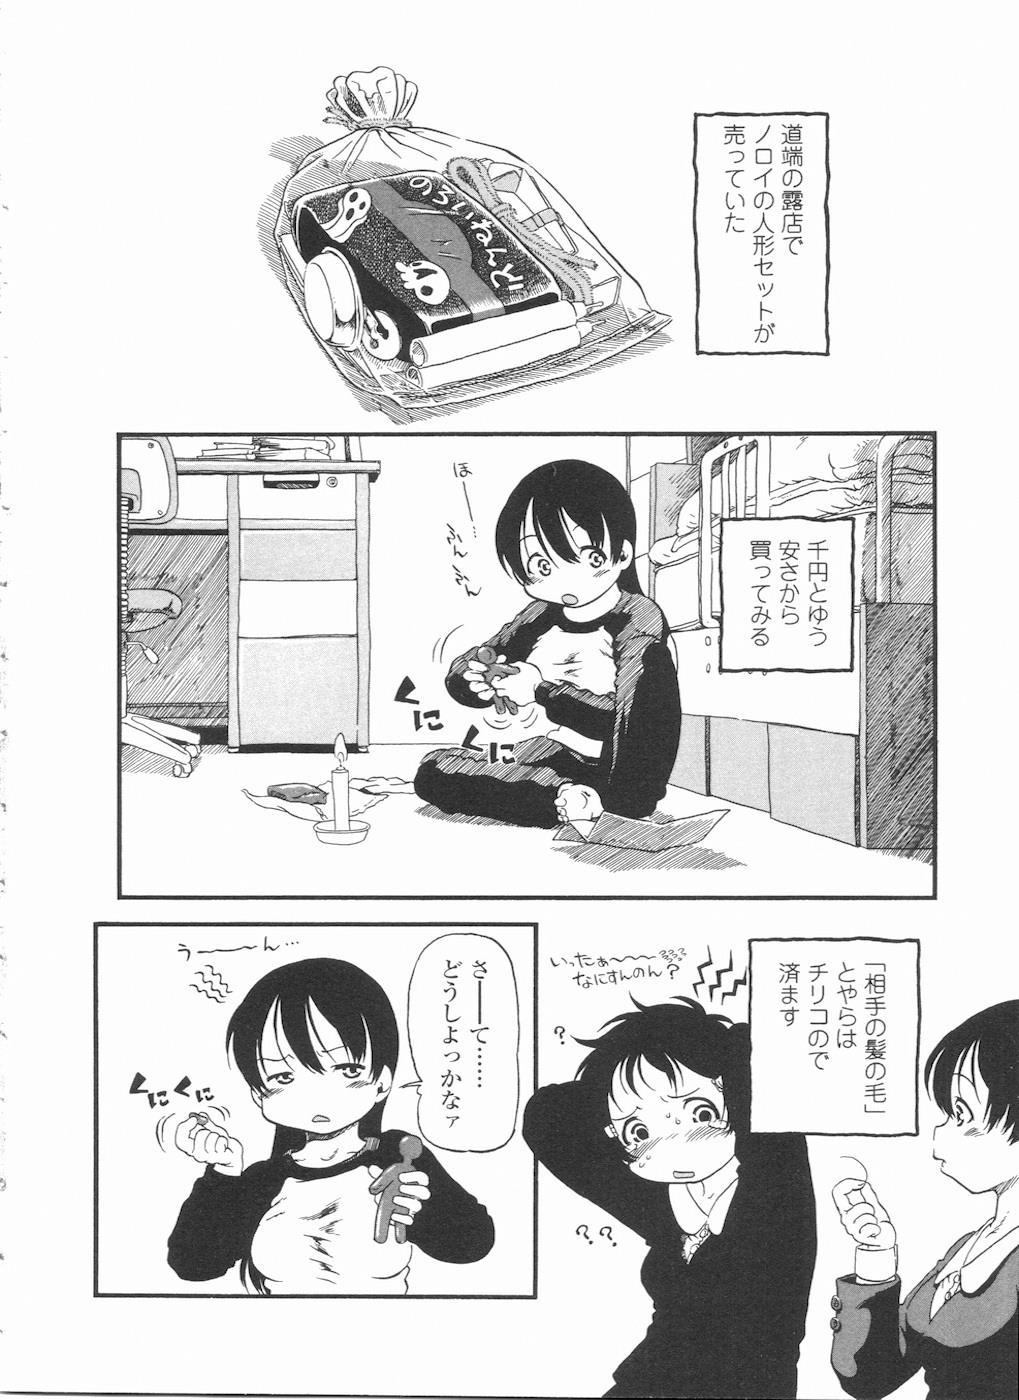 Futanarikko LOVE 11 129